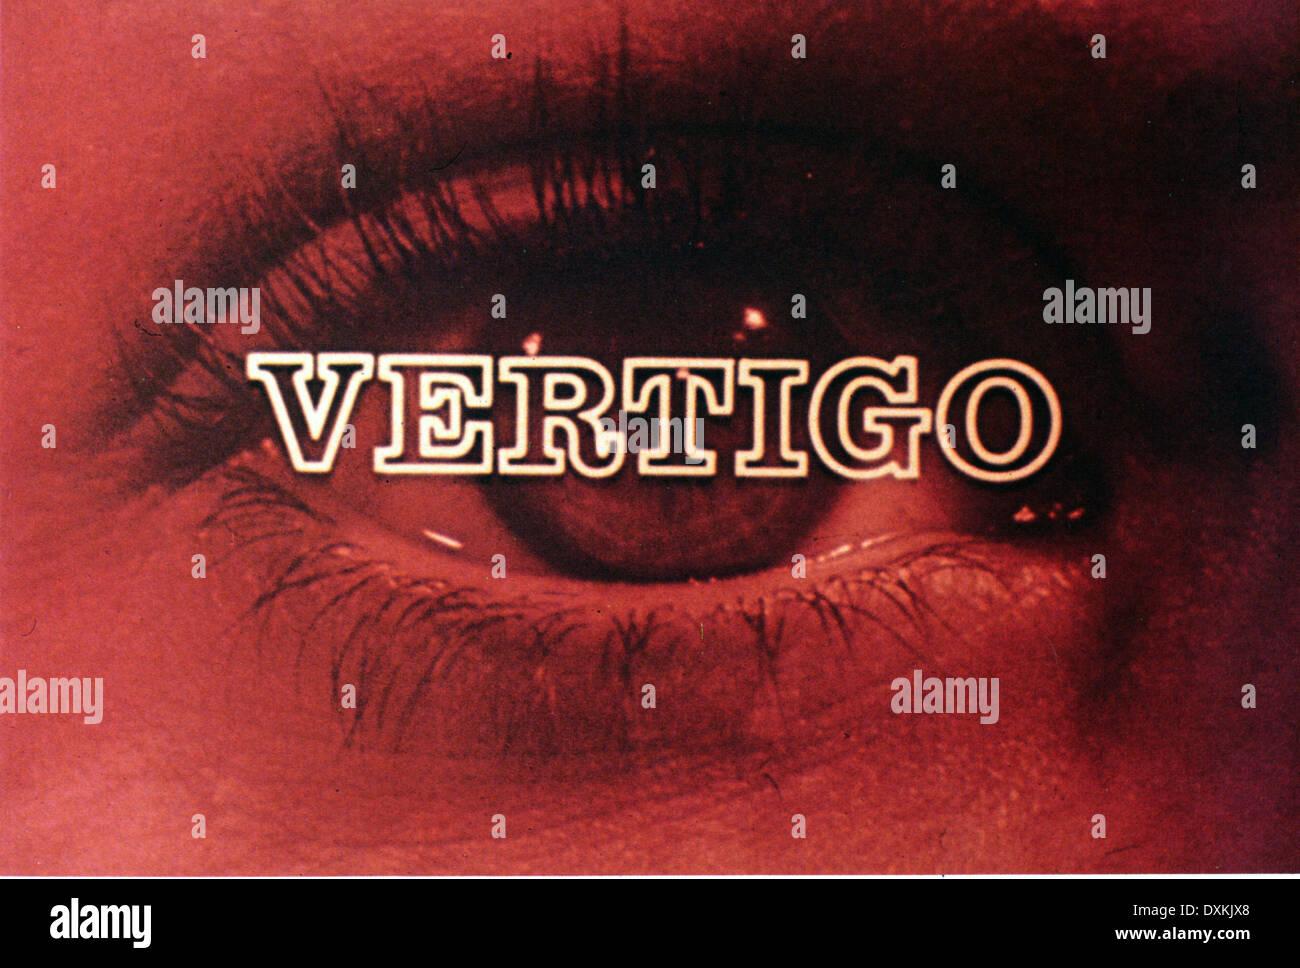 VERTIGO - Stock Image